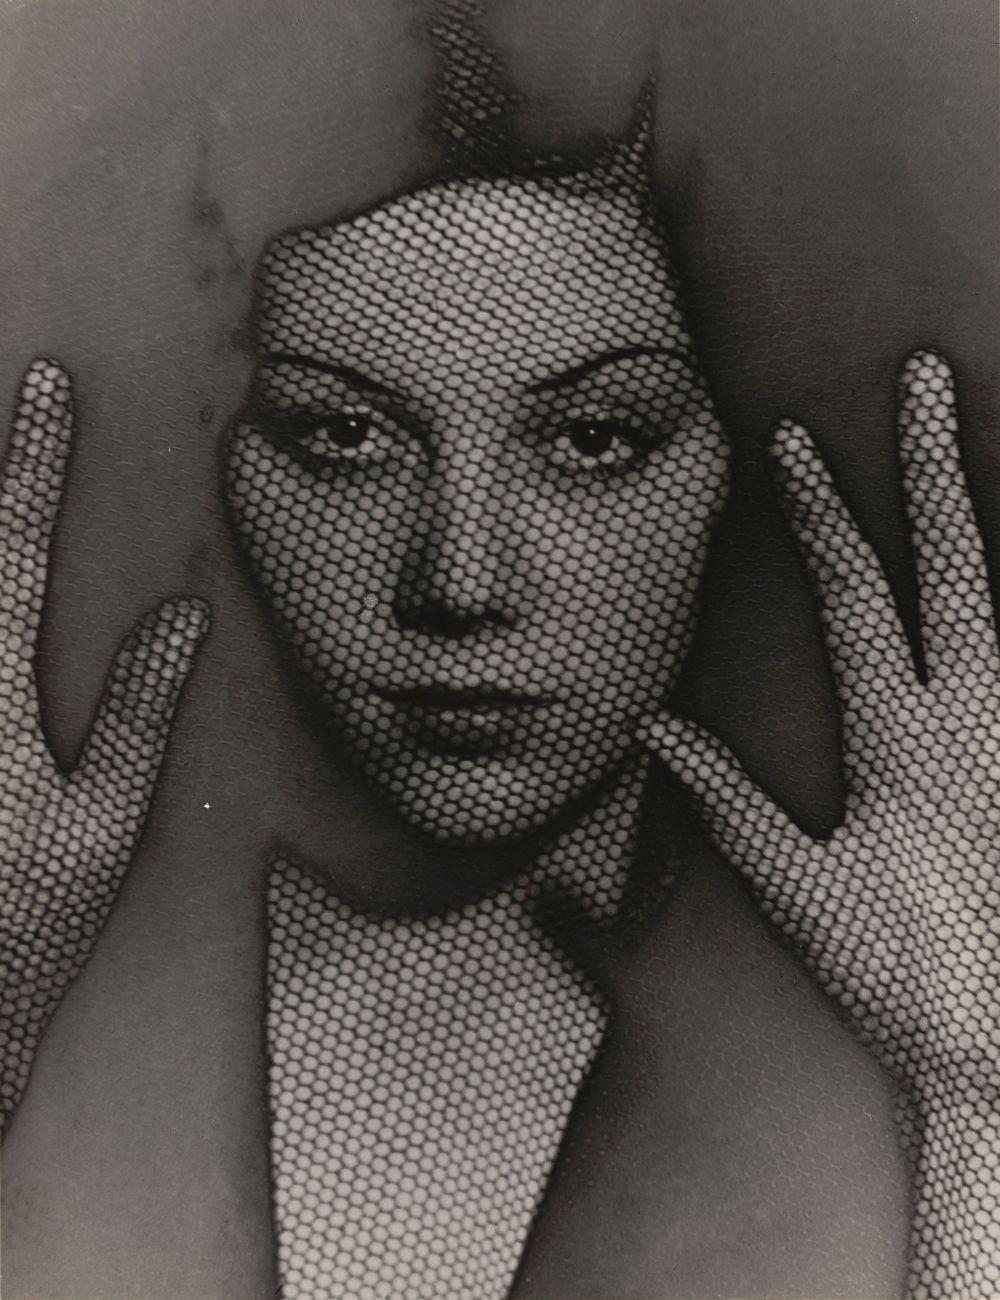 Man Ray, The Veil, 1930. The Museum of Modern Art, New York. © 2017. Digital image, The Museum of Modern Art, New York_Scala, Florenz. © MAN RAY TRUST_Bildrecht, Wien, 2017-18